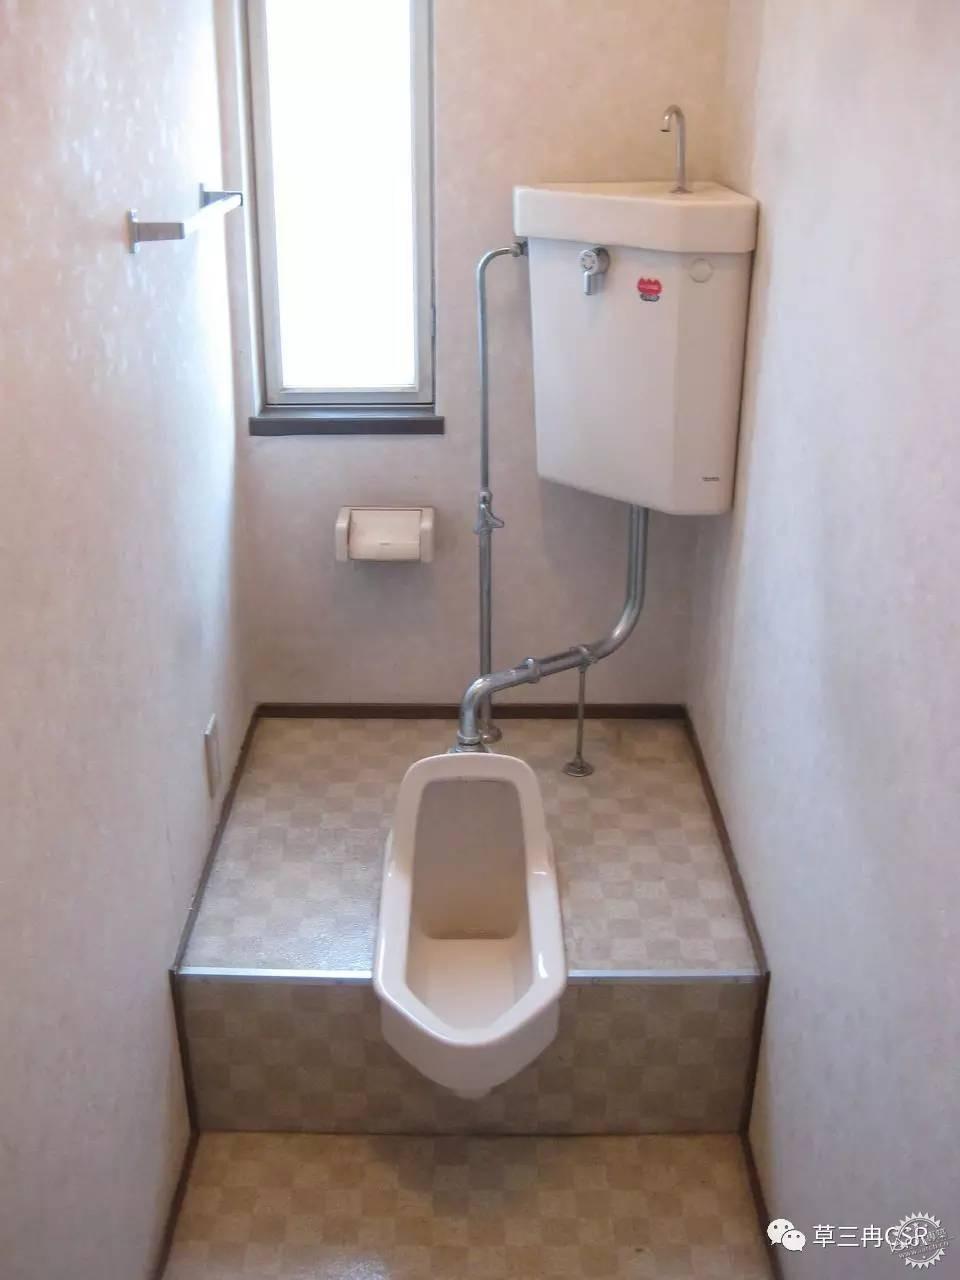 首先,淋浴时花洒喷出的水花溅到马桶盖上,给下一位如厕的人造成尴尬;或淋浴完毕,所形成的水蒸气不会一时散去,容易在马桶壁上形成滑垢,日积月累定会成为细菌滋生的温床;更不用说人多的家庭容易堵车,只要一人洗澡,其它人都无法如厕、洗漱。 这些问题起初我们都可以接受,毕竟比起没有厕所的房子确实好了不少。但近几年随着我们对生活的要求越来越高,对尴尬的容忍度越来越低,不少人去日本体验过分离式马桶后,开始觉出独立马桶间的好来。 独立卫生间提高了家庭使用效率,也更加卫生,还不用担心用电安全(针对智能马桶),除此之外还大大